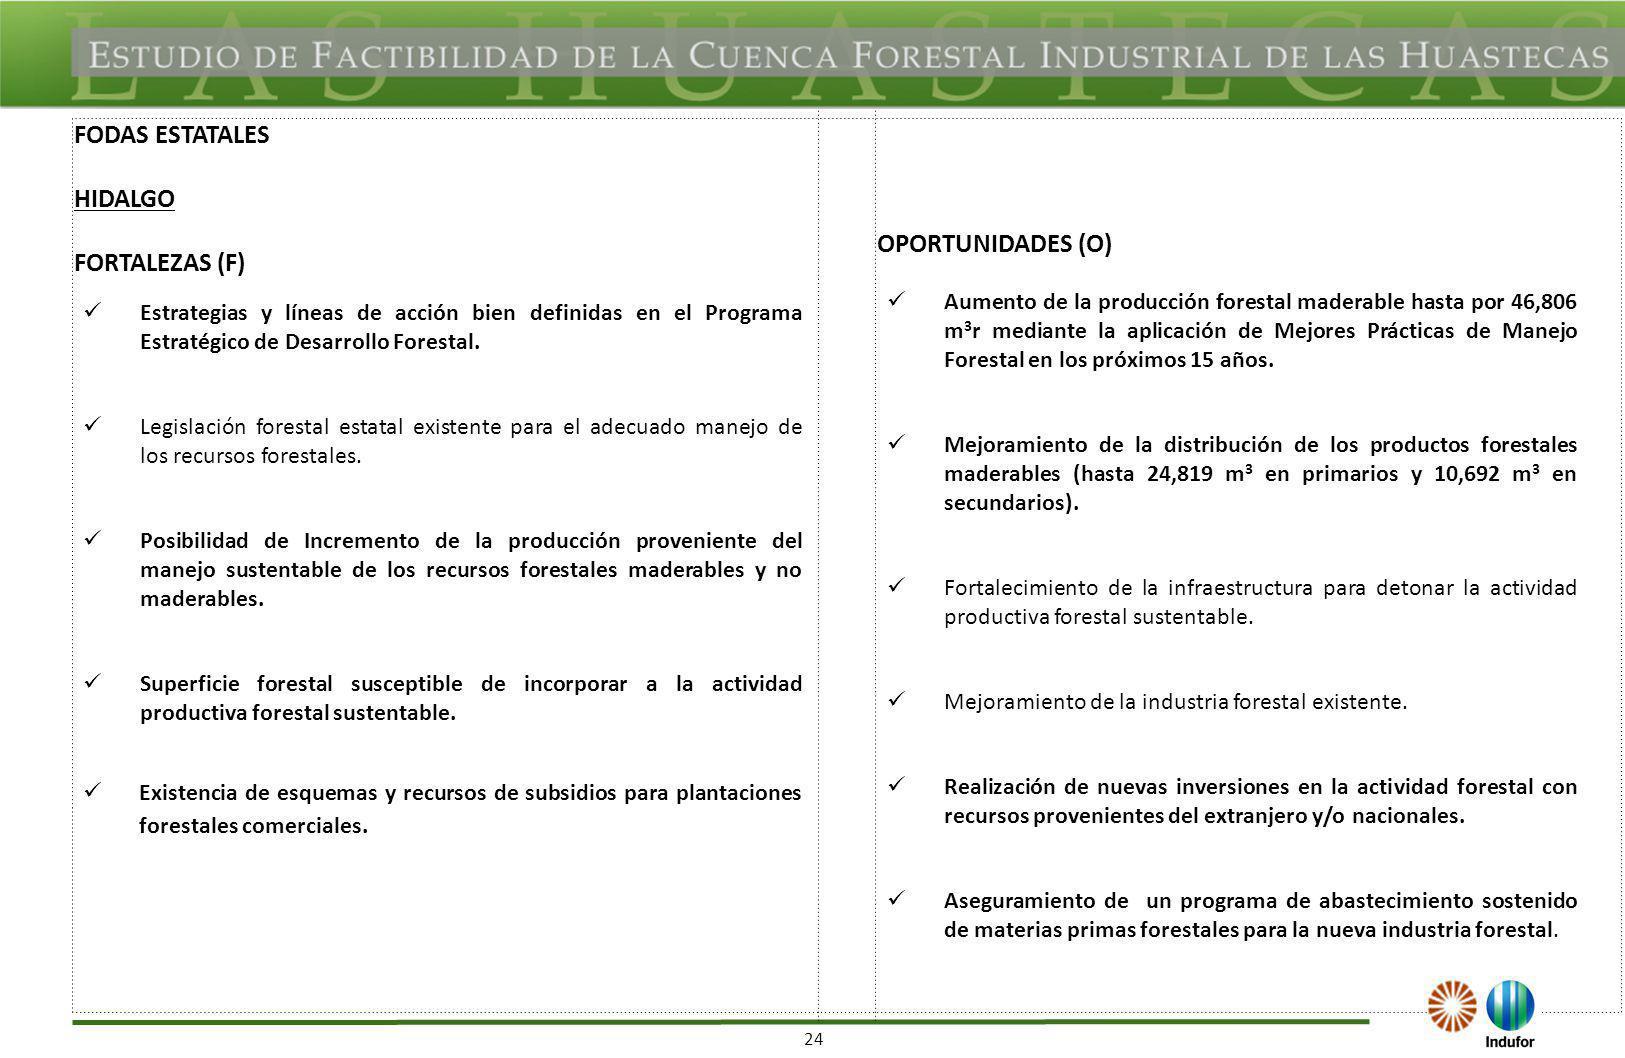 24 FODAS ESTATALES HIDALGO FORTALEZAS (F) OPORTUNIDADES (O) Estrategias y líneas de acción bien definidas en el Programa Estratégico de Desarrollo For